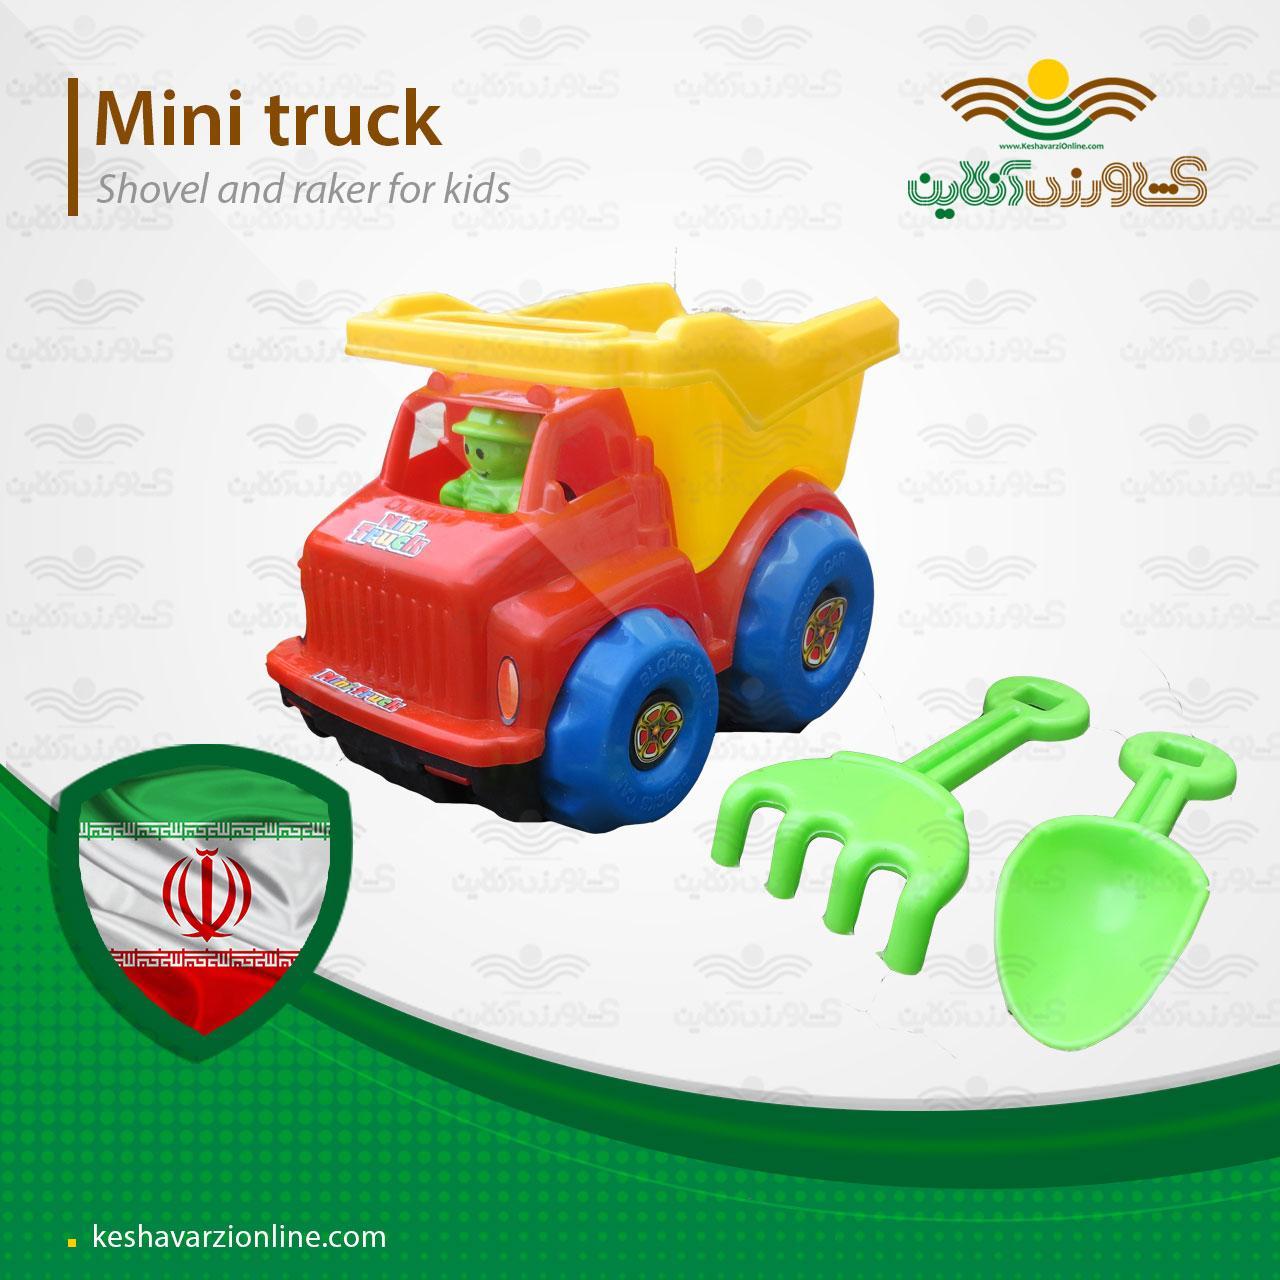 اسباب بازی مینی کامیون کمپرسی به همراه بیلچه و چنگک برای کودکان